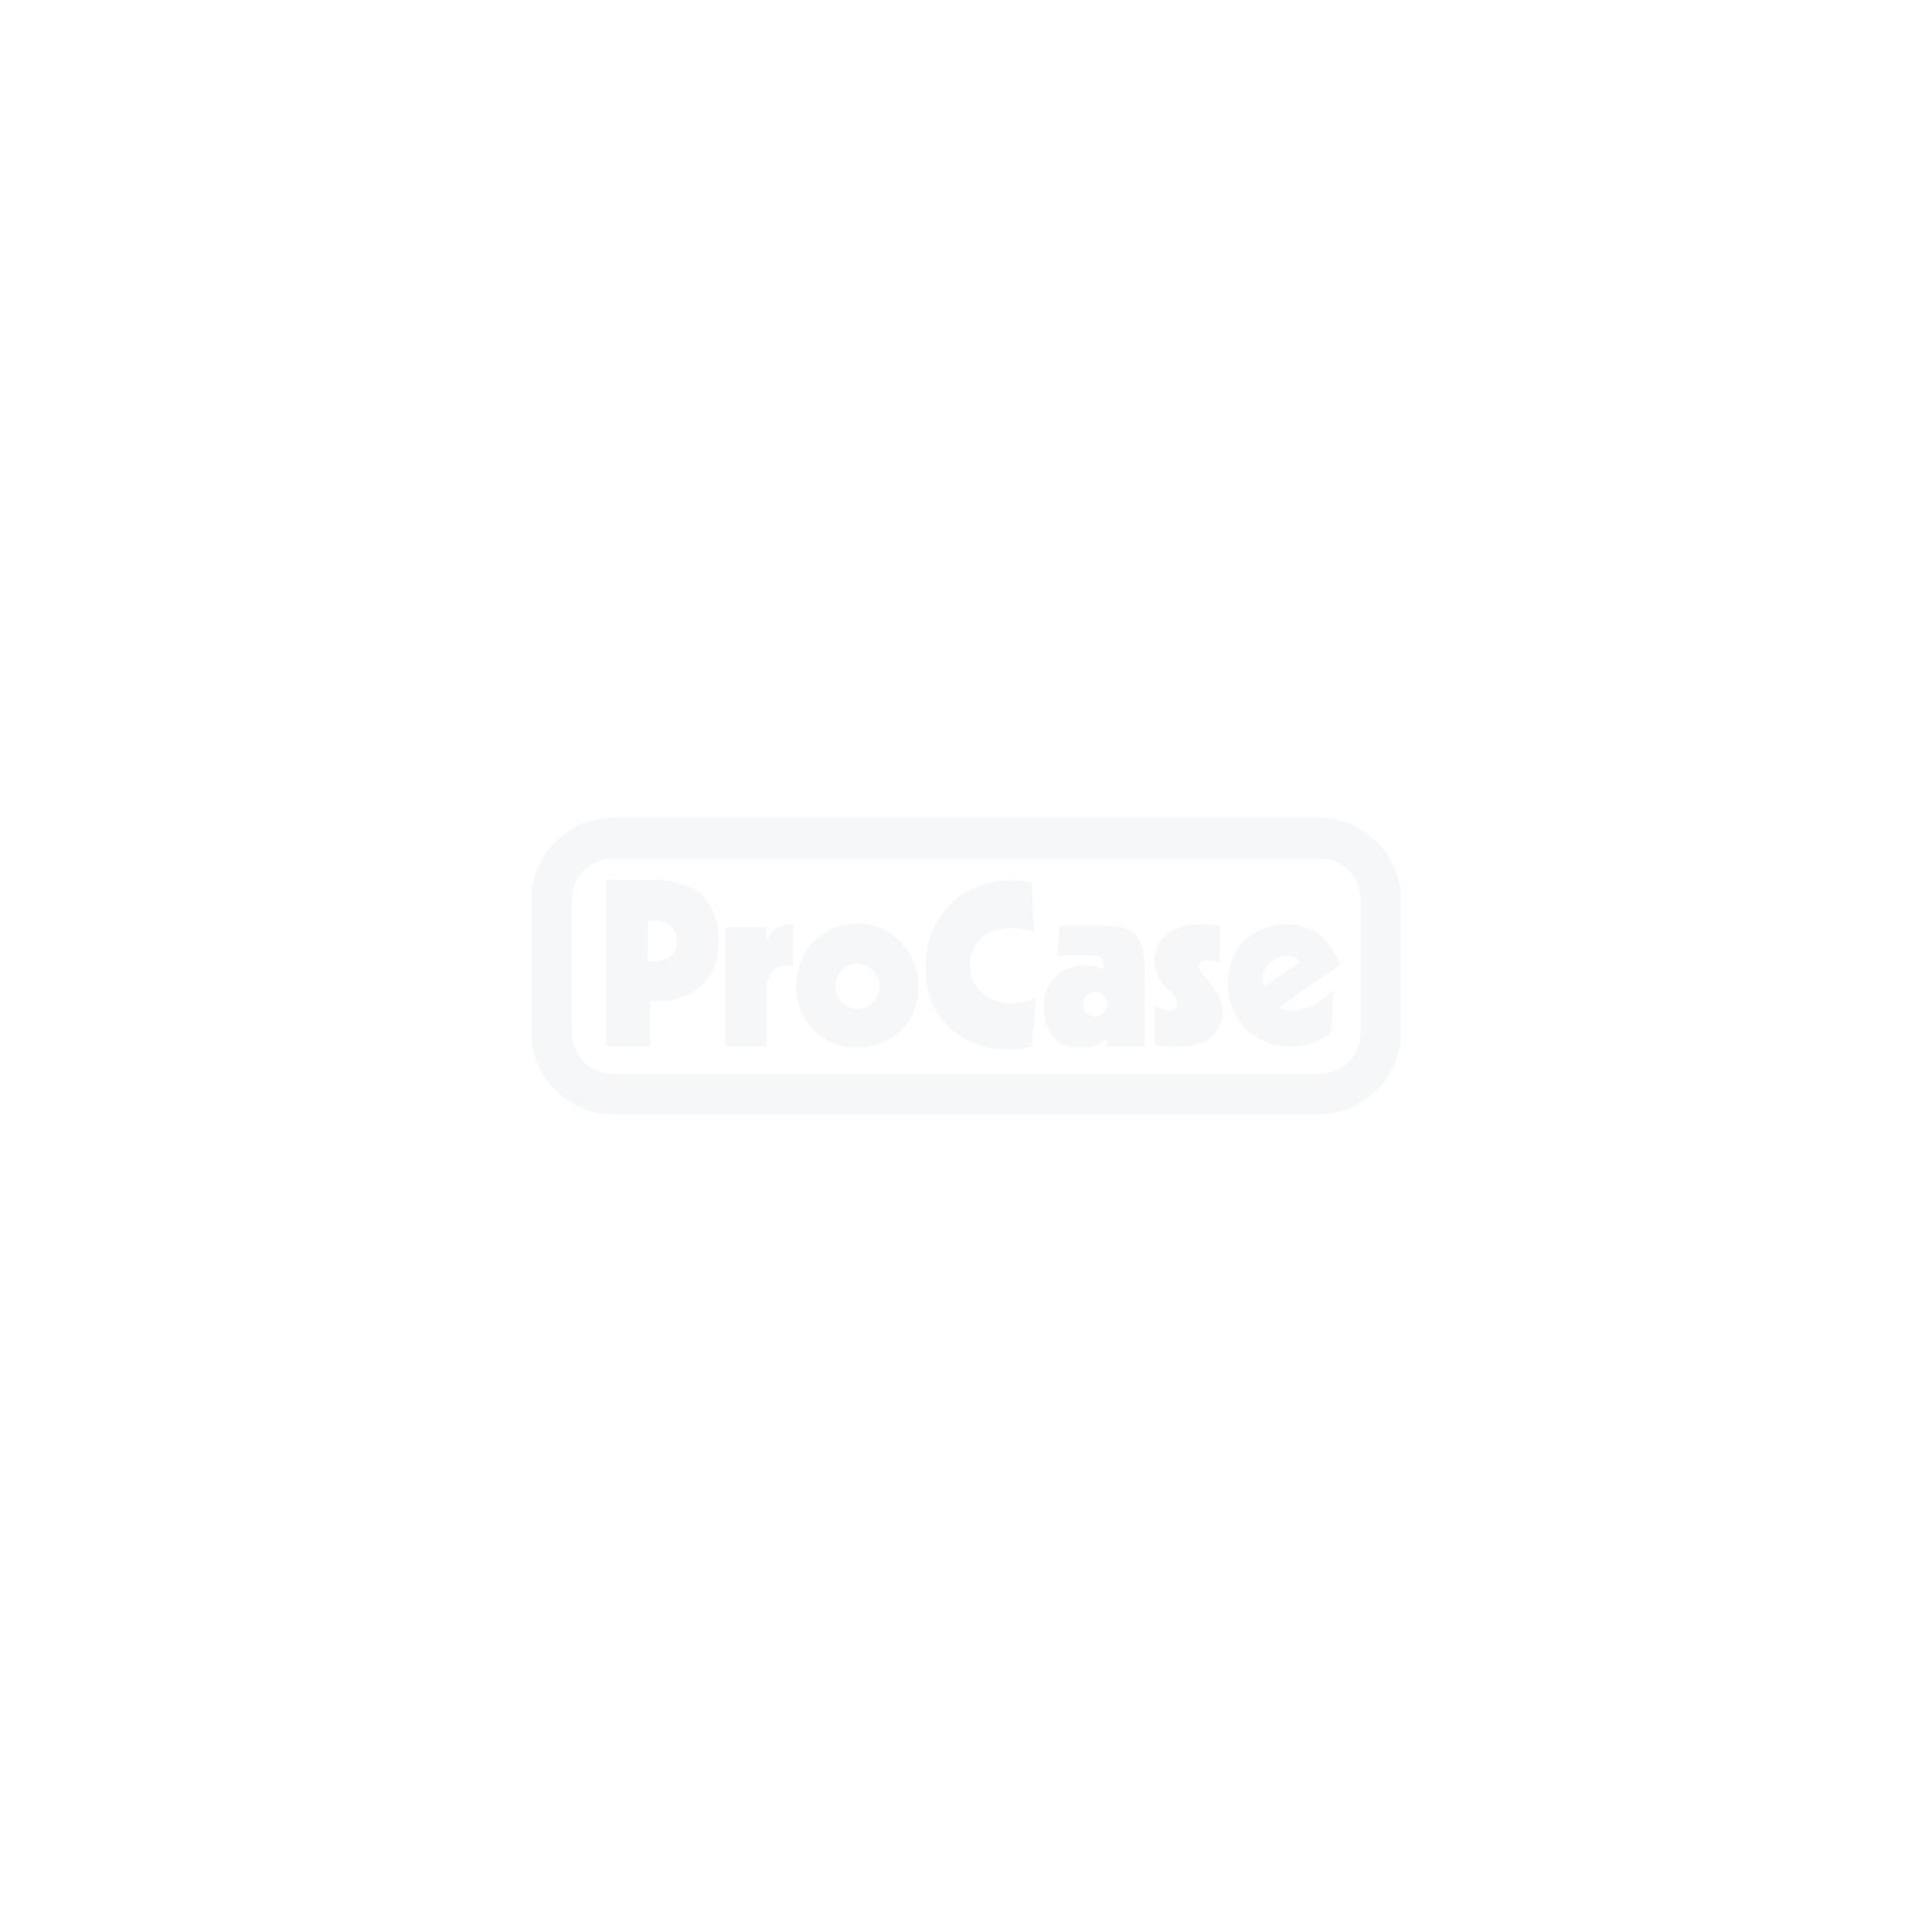 SKB 3i Koffer 2217-10 leer mit Trolley